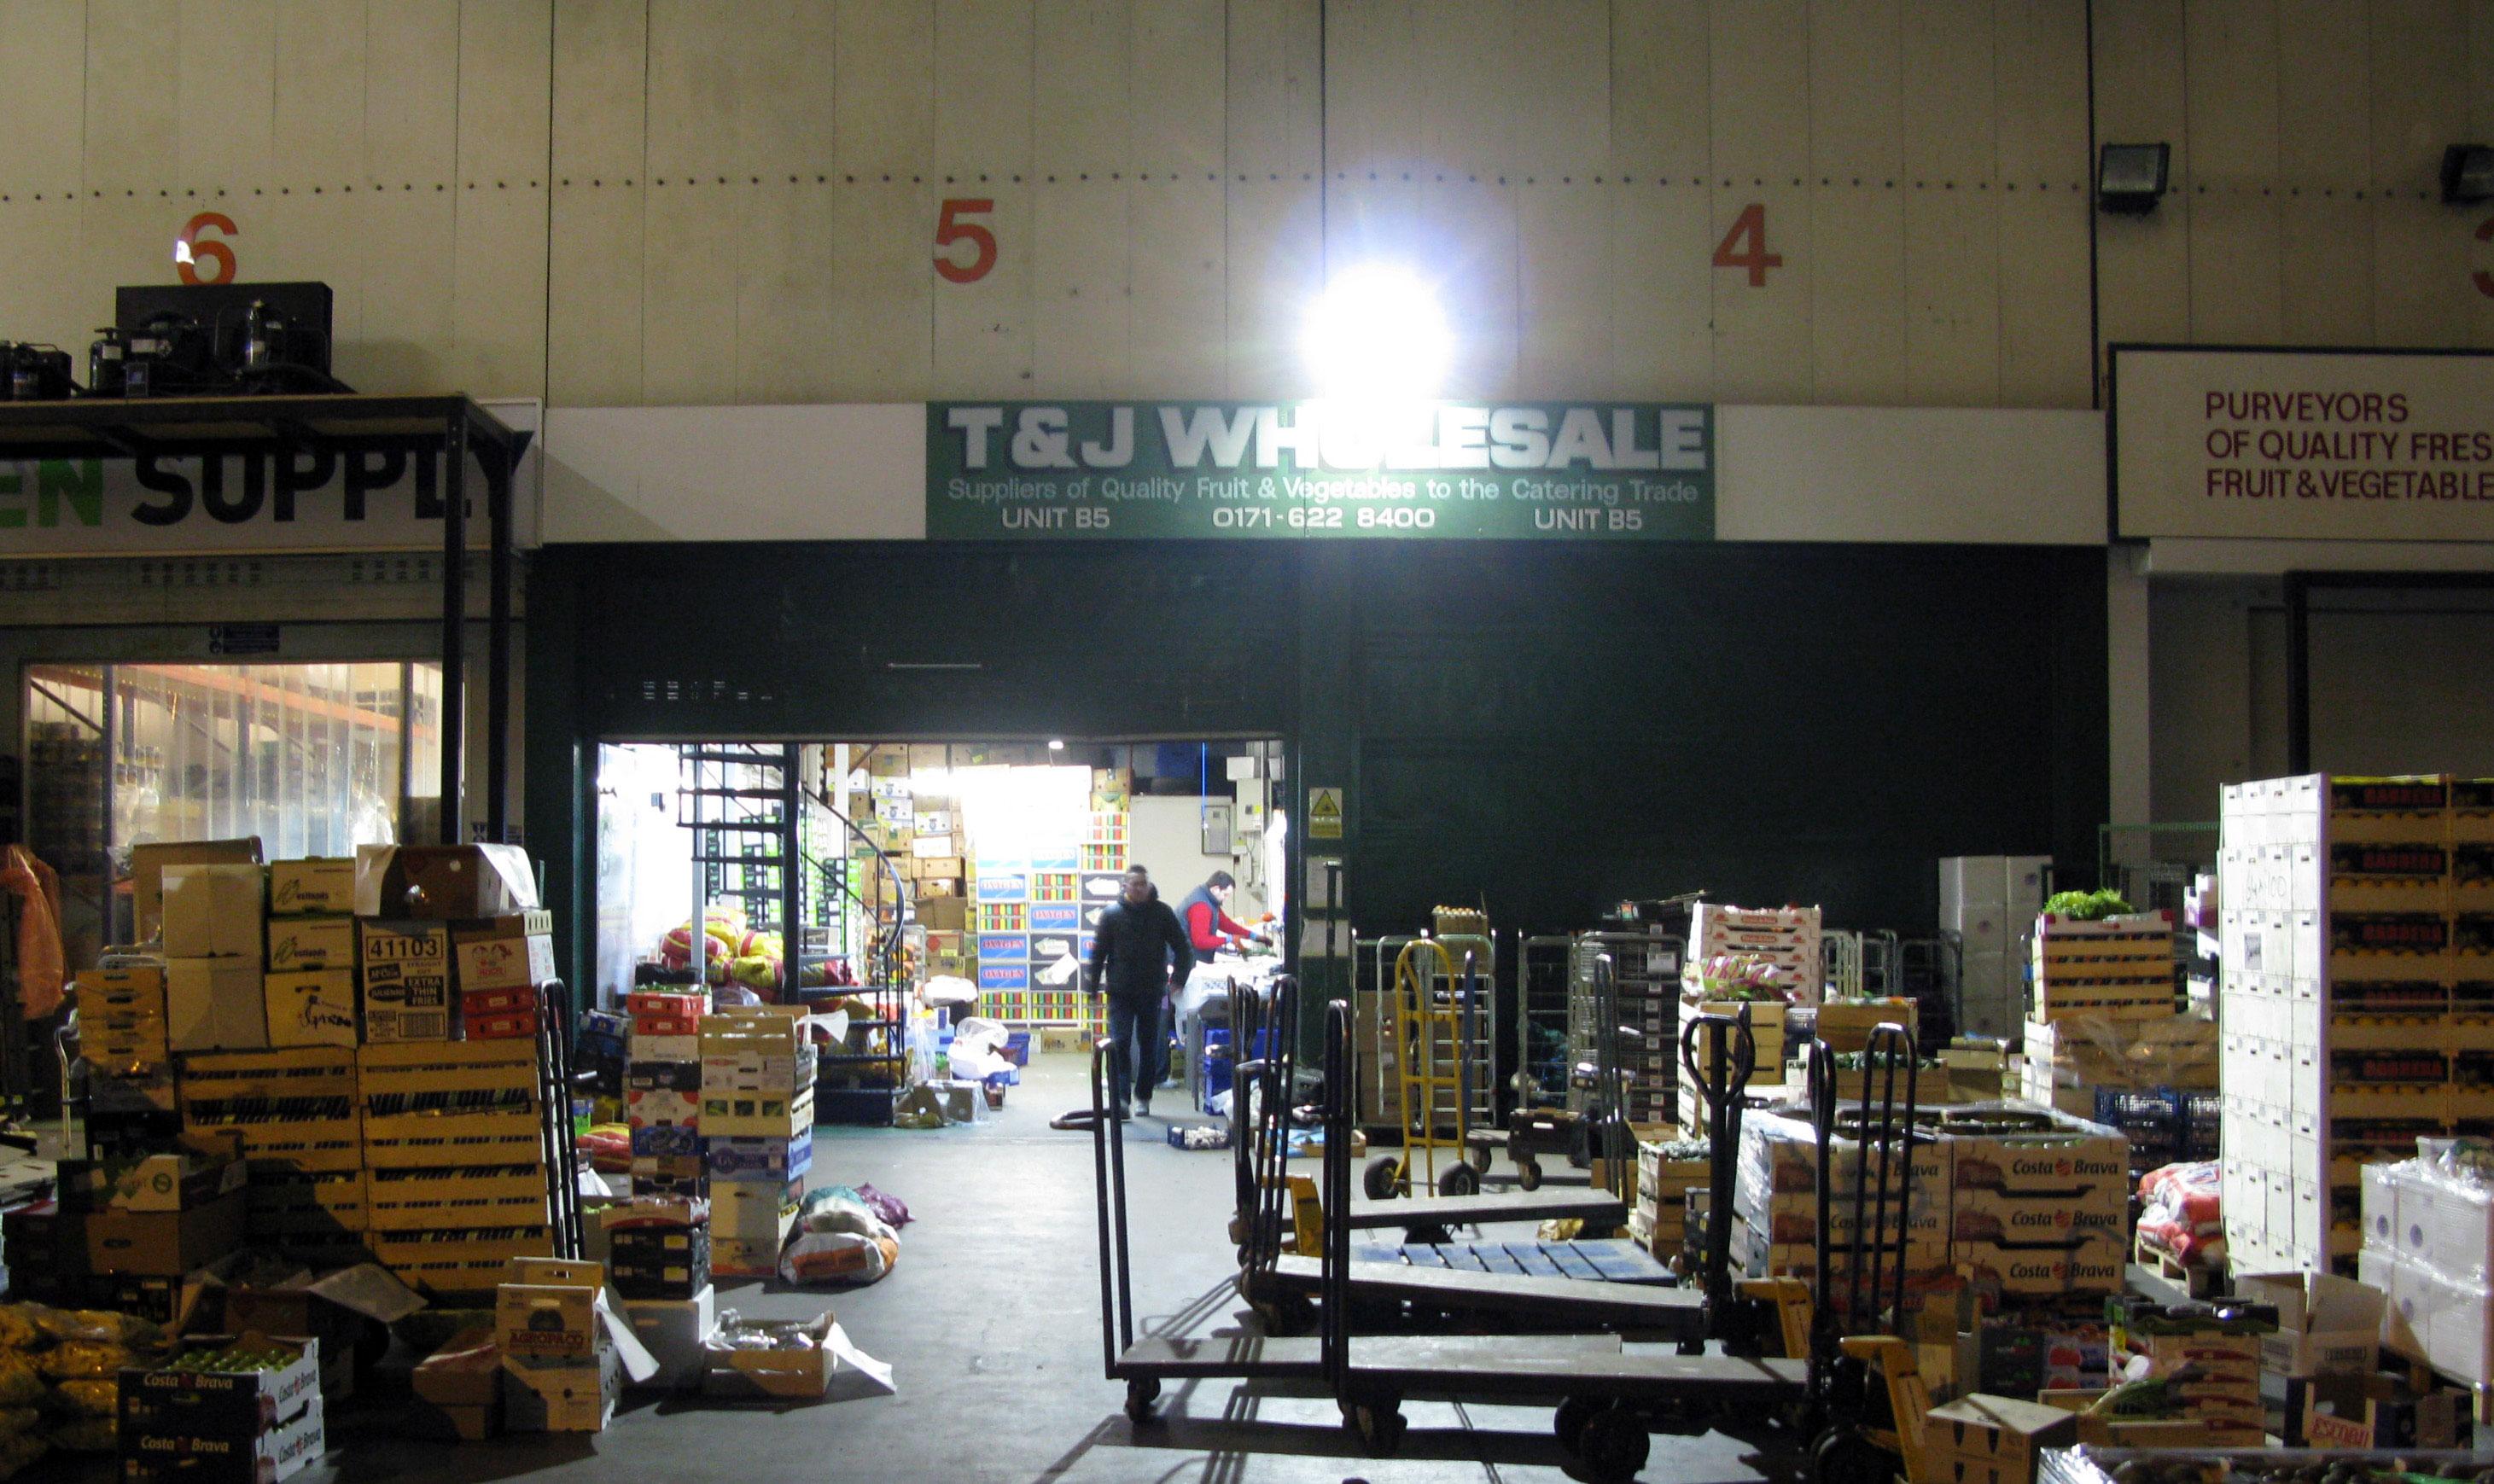 London Wholesale Markets